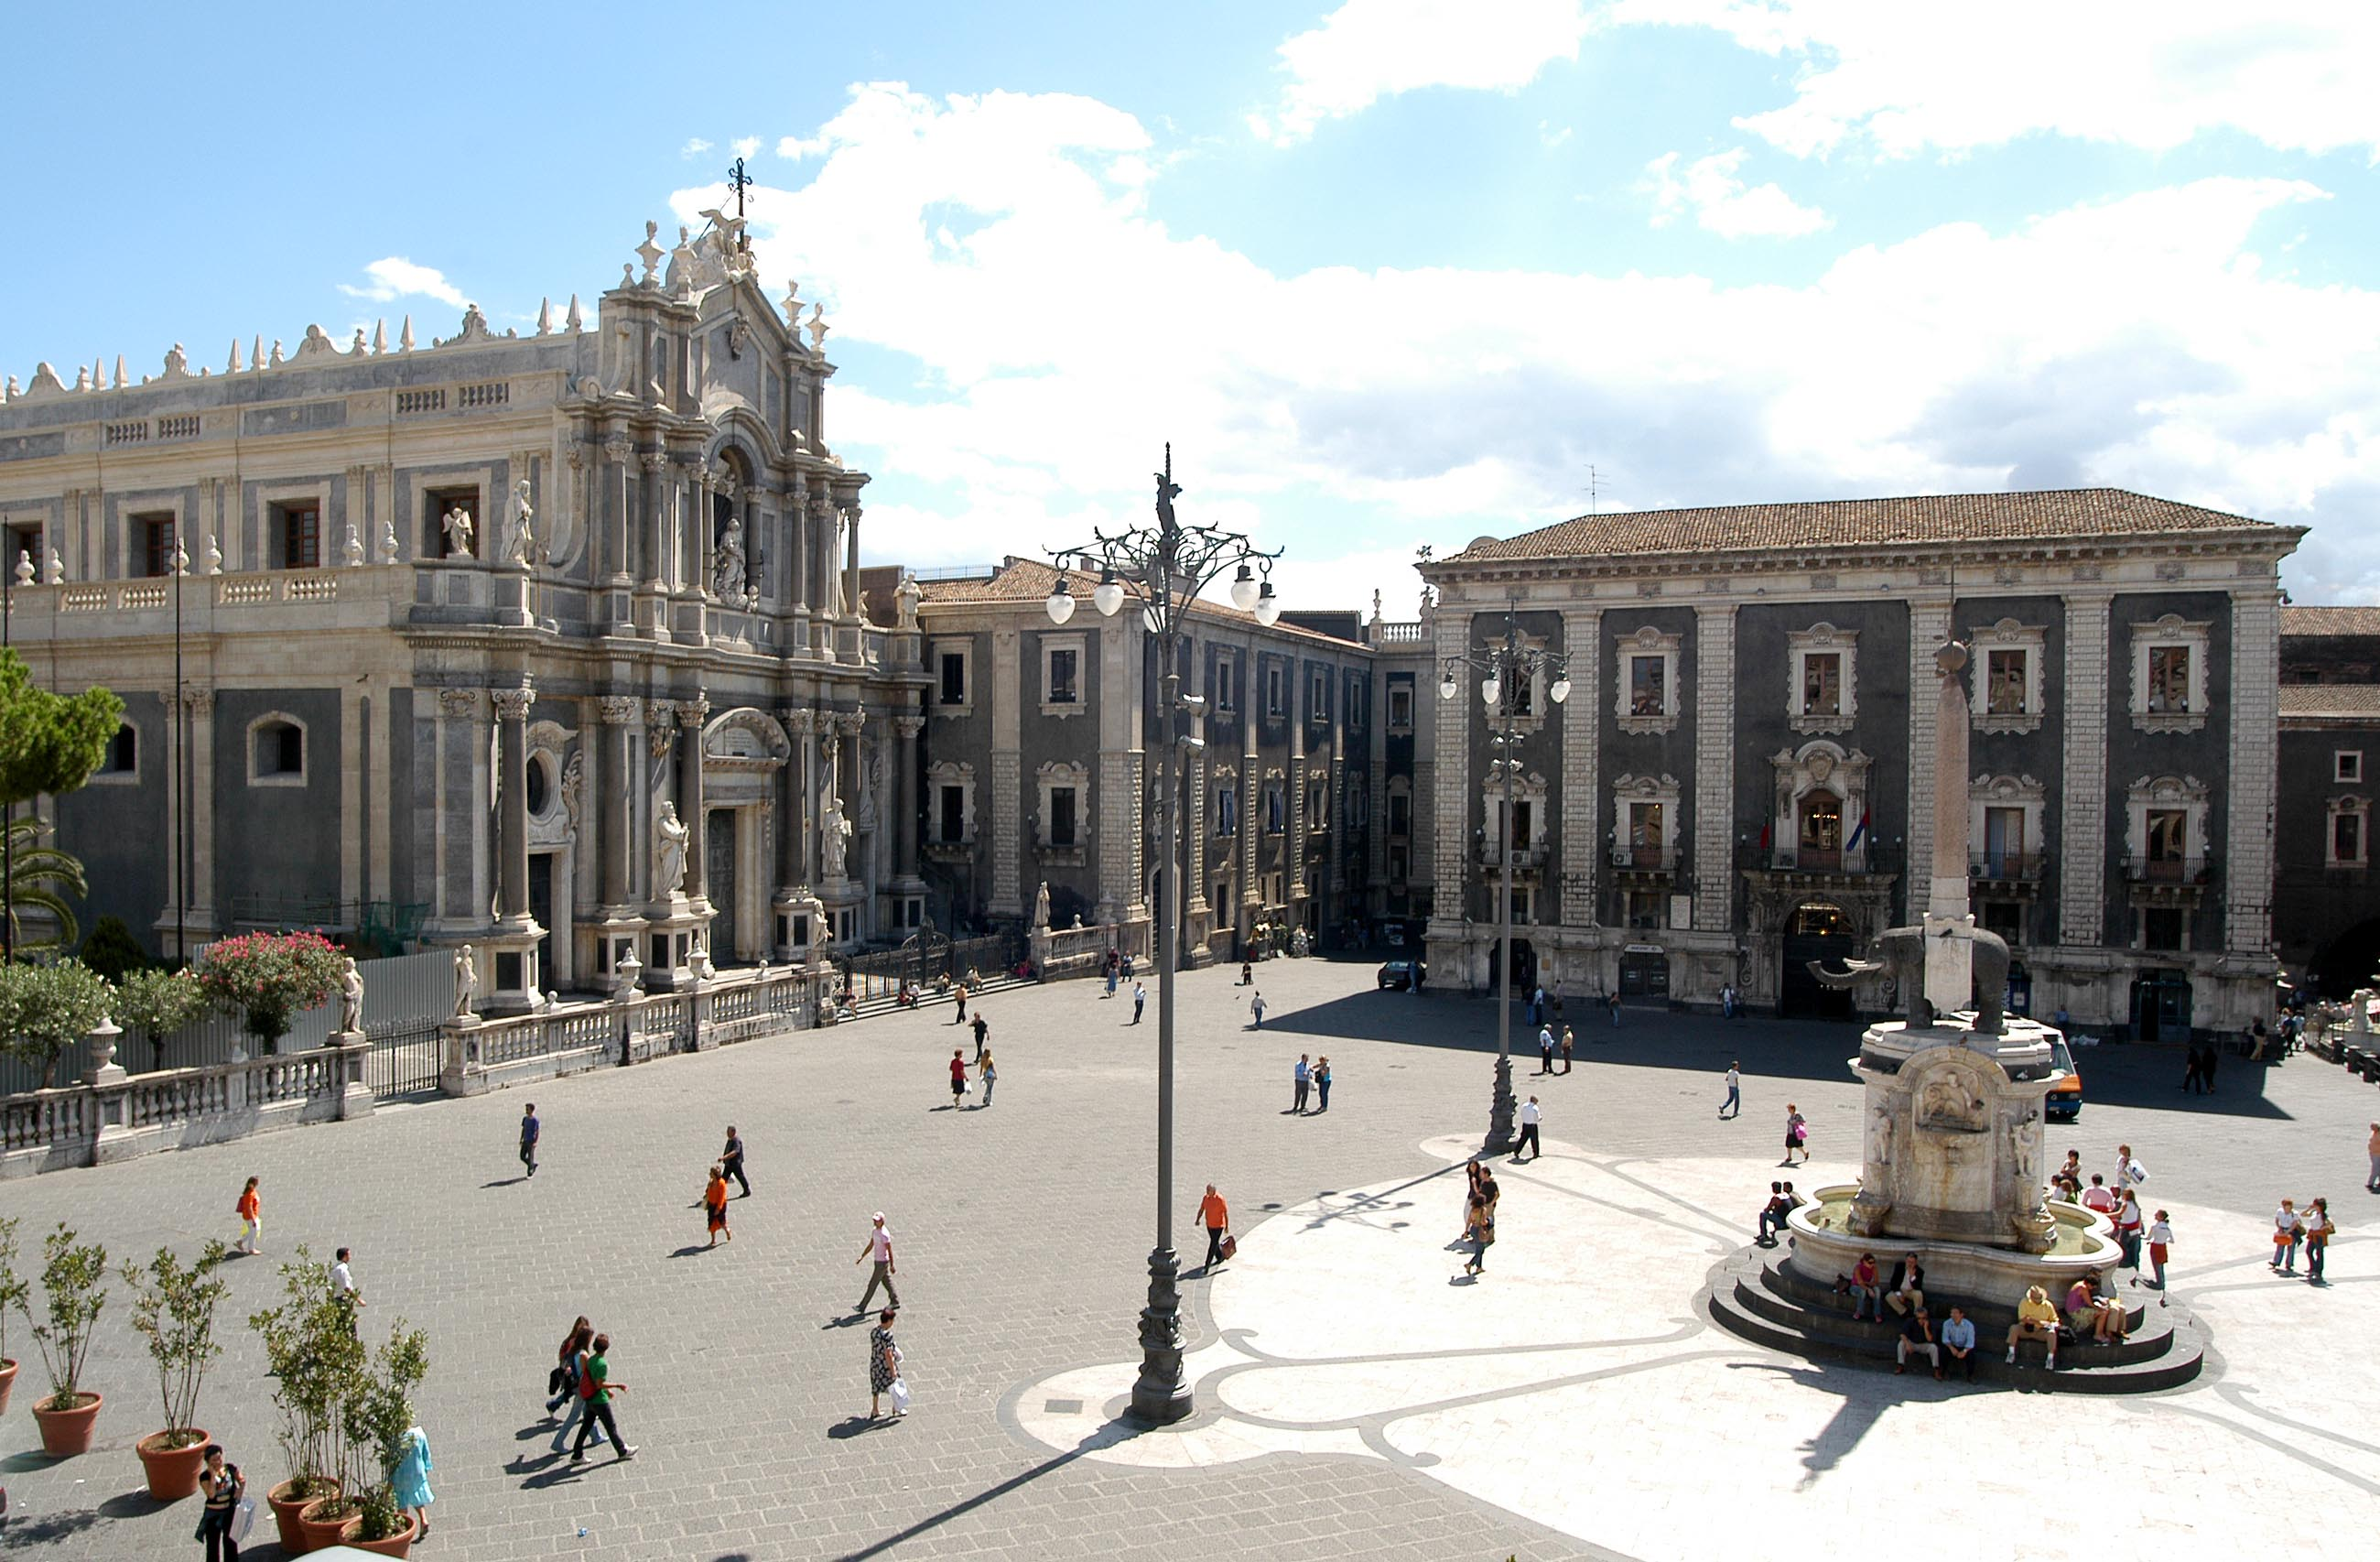 Meteo Catania, weekend tra sole e nuvole: le previsioni del tempo